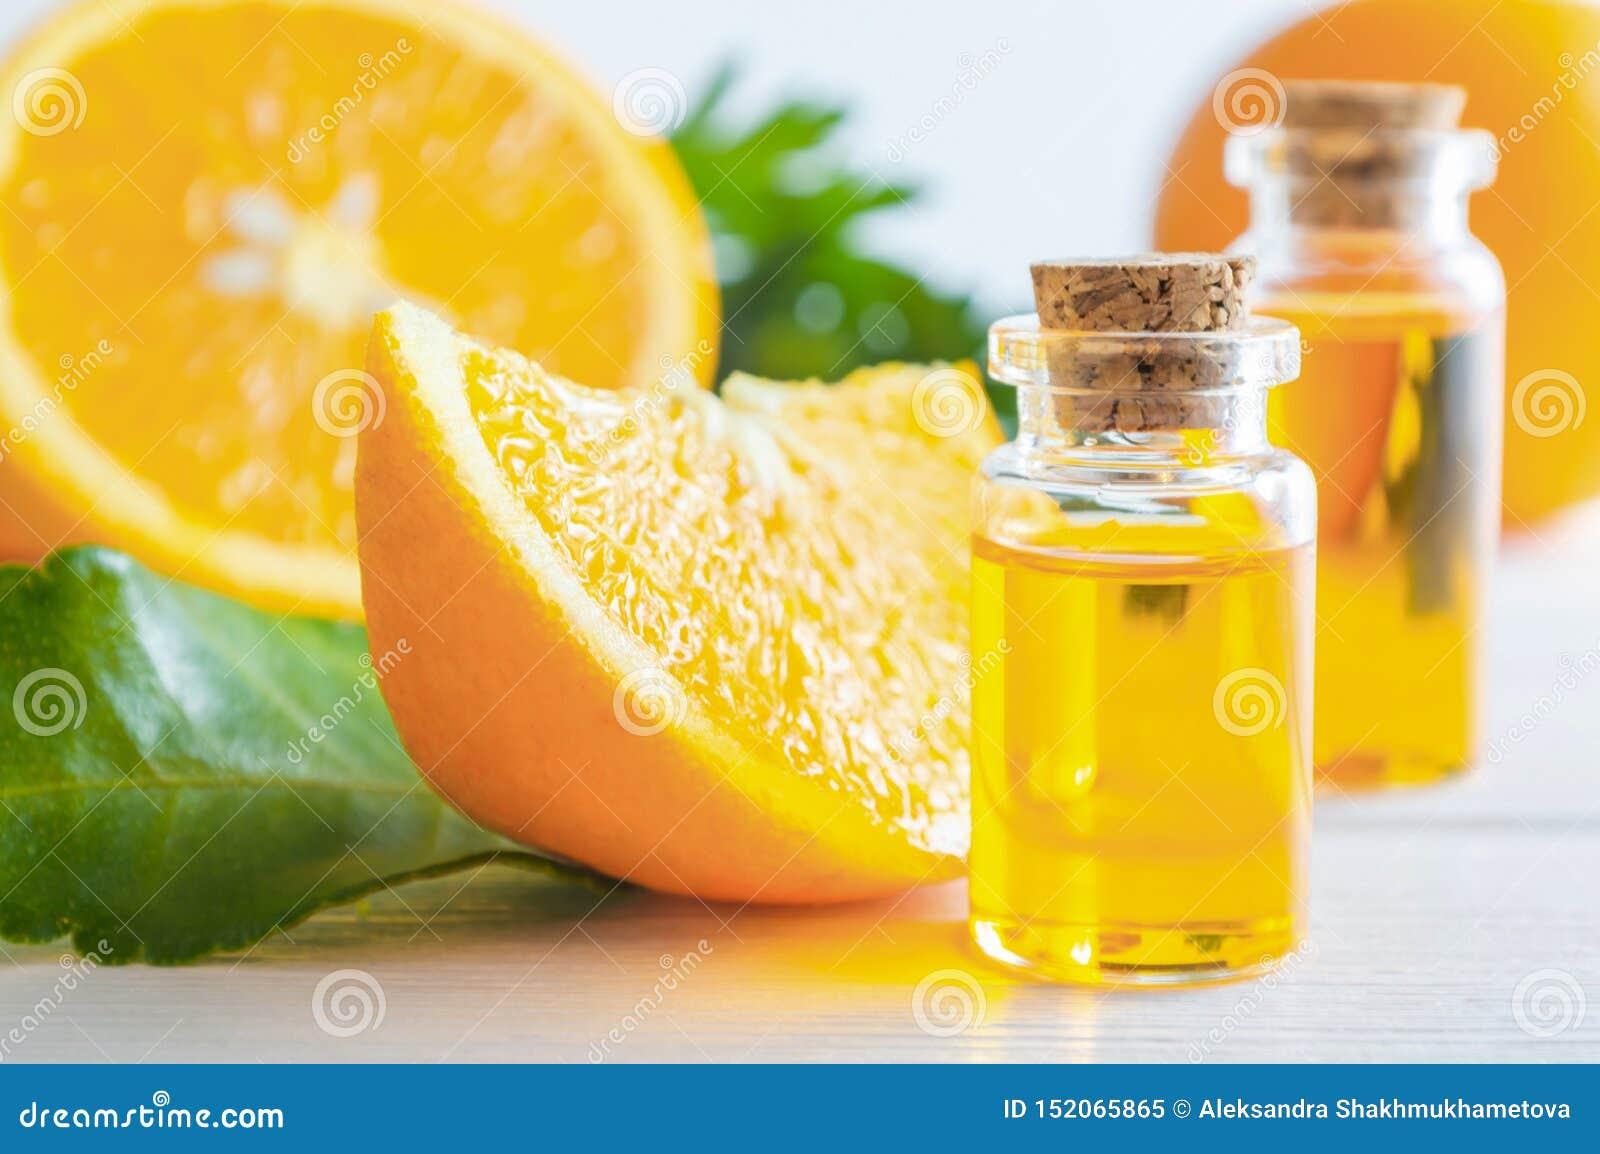 Natürliches Orangenöl in der Flasche und in der Schnittorangenfrucht auf weißem Holztisch